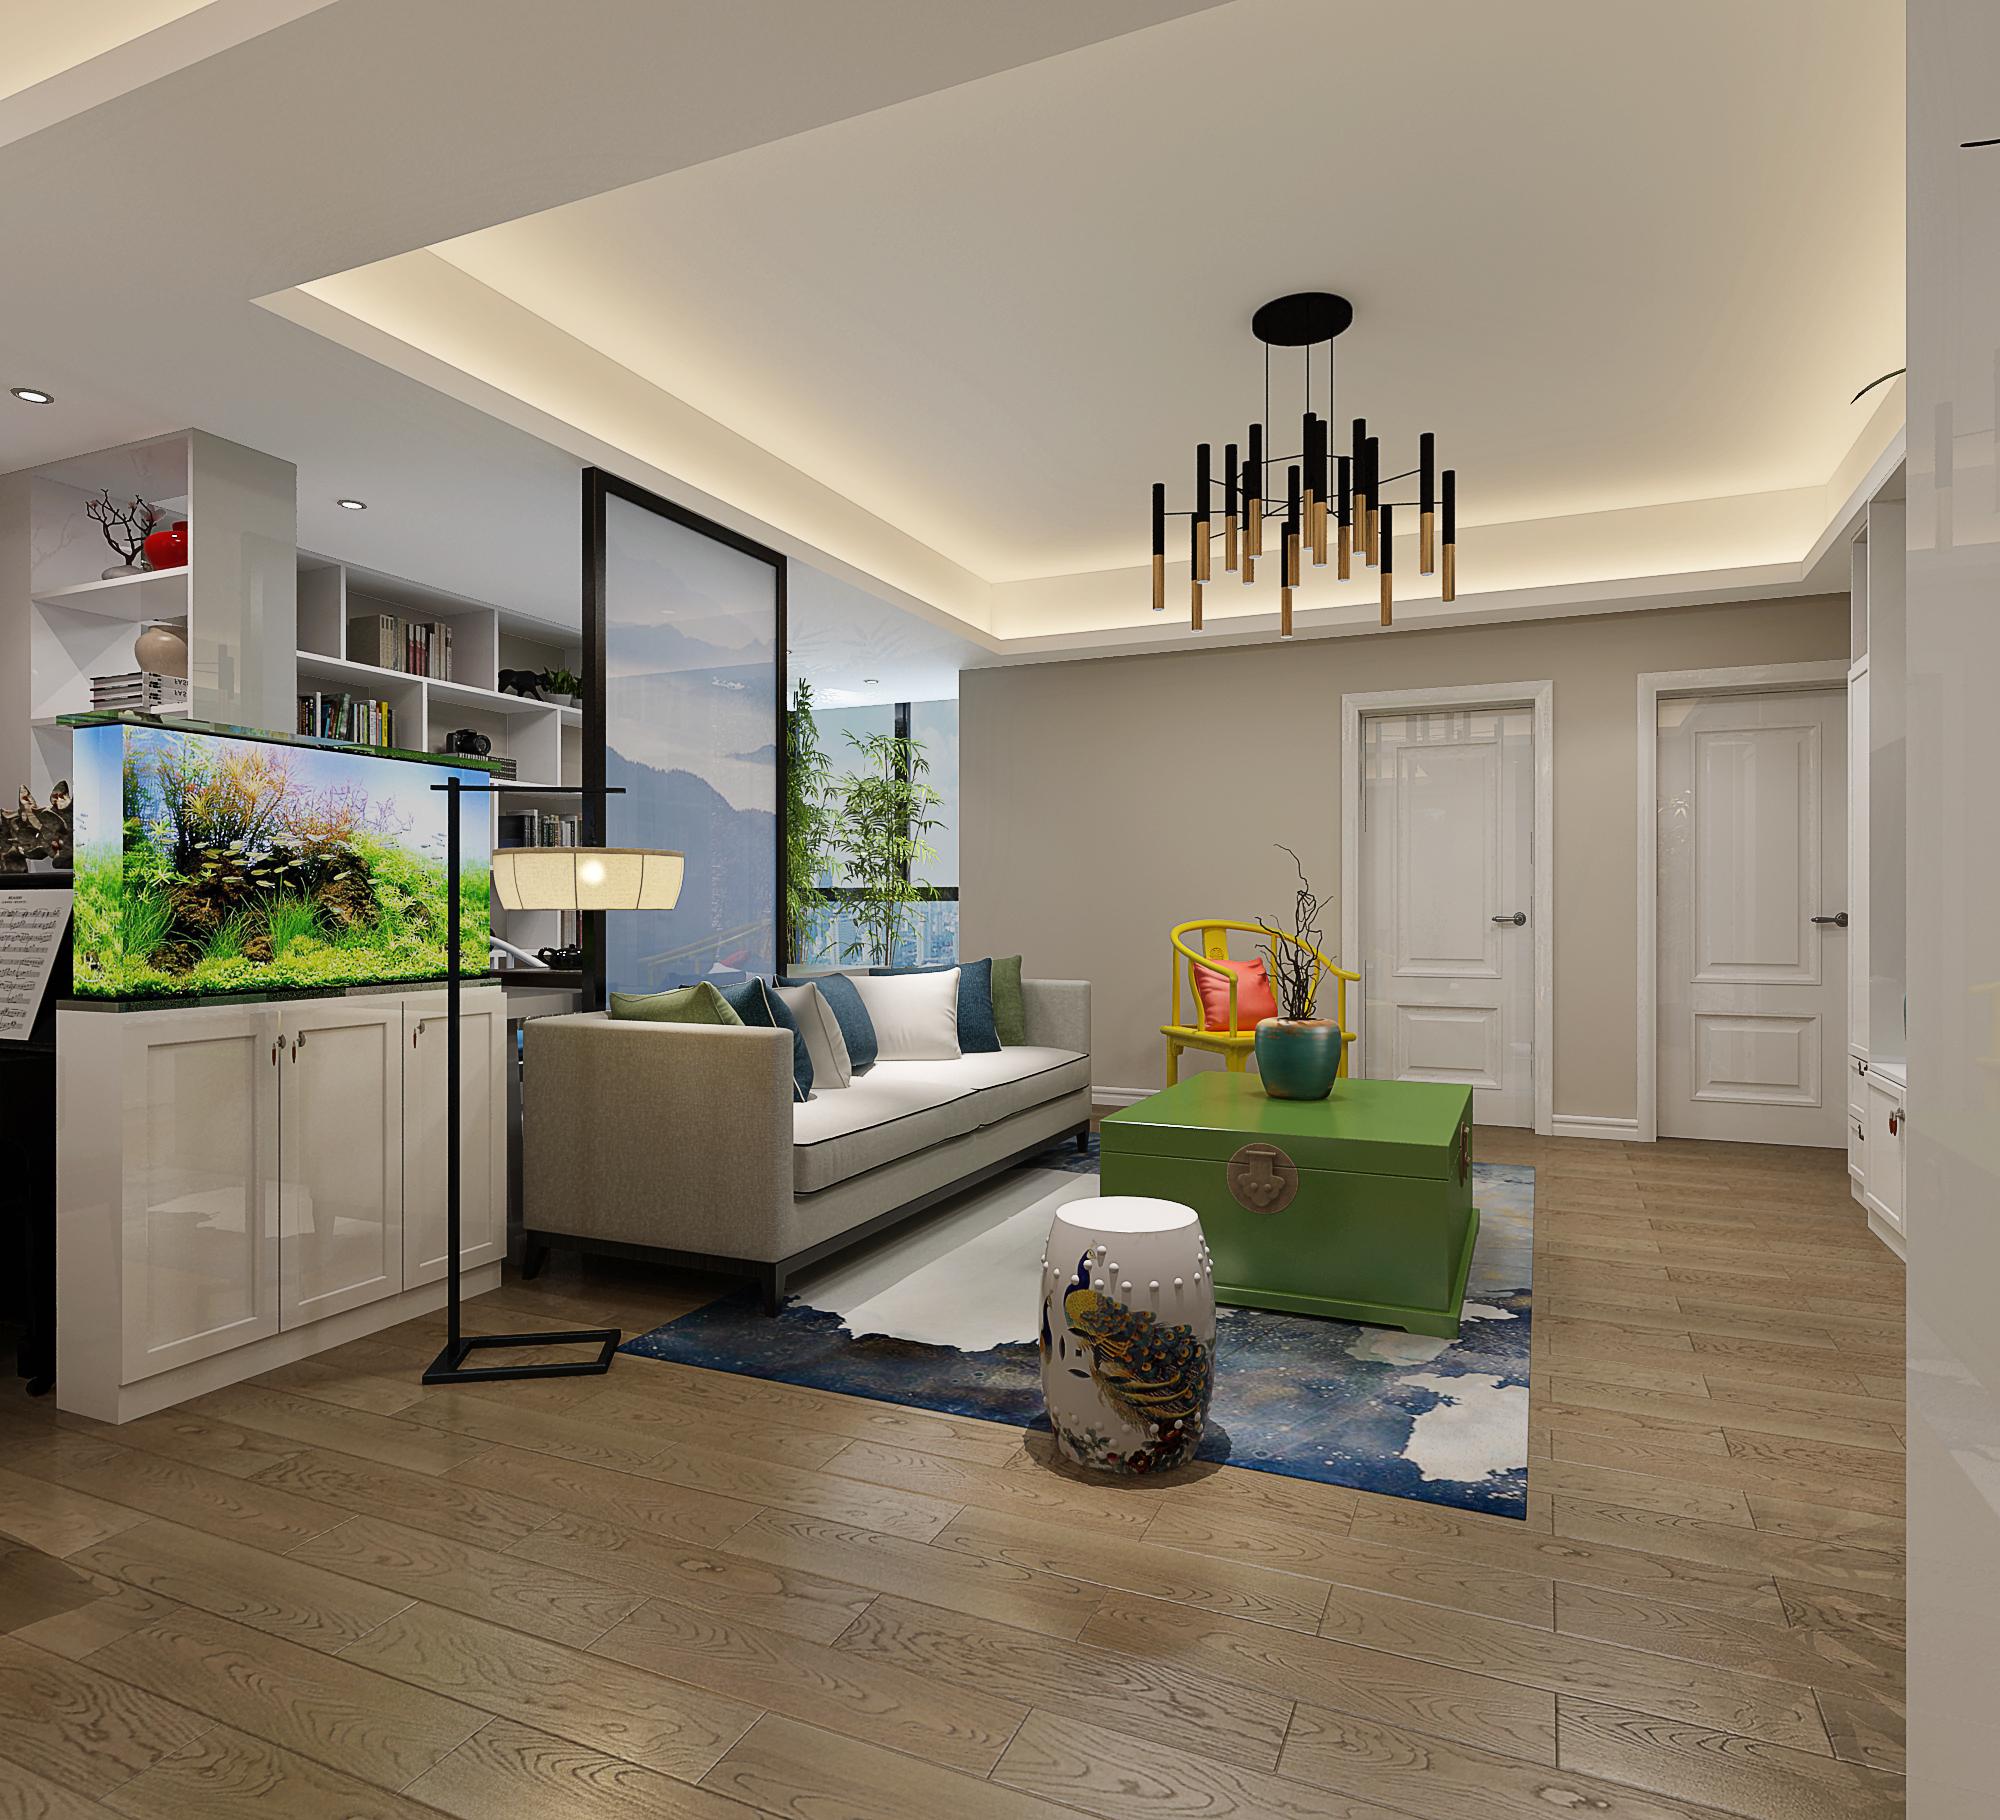 三居室简约风格家装修客厅局部吊顶